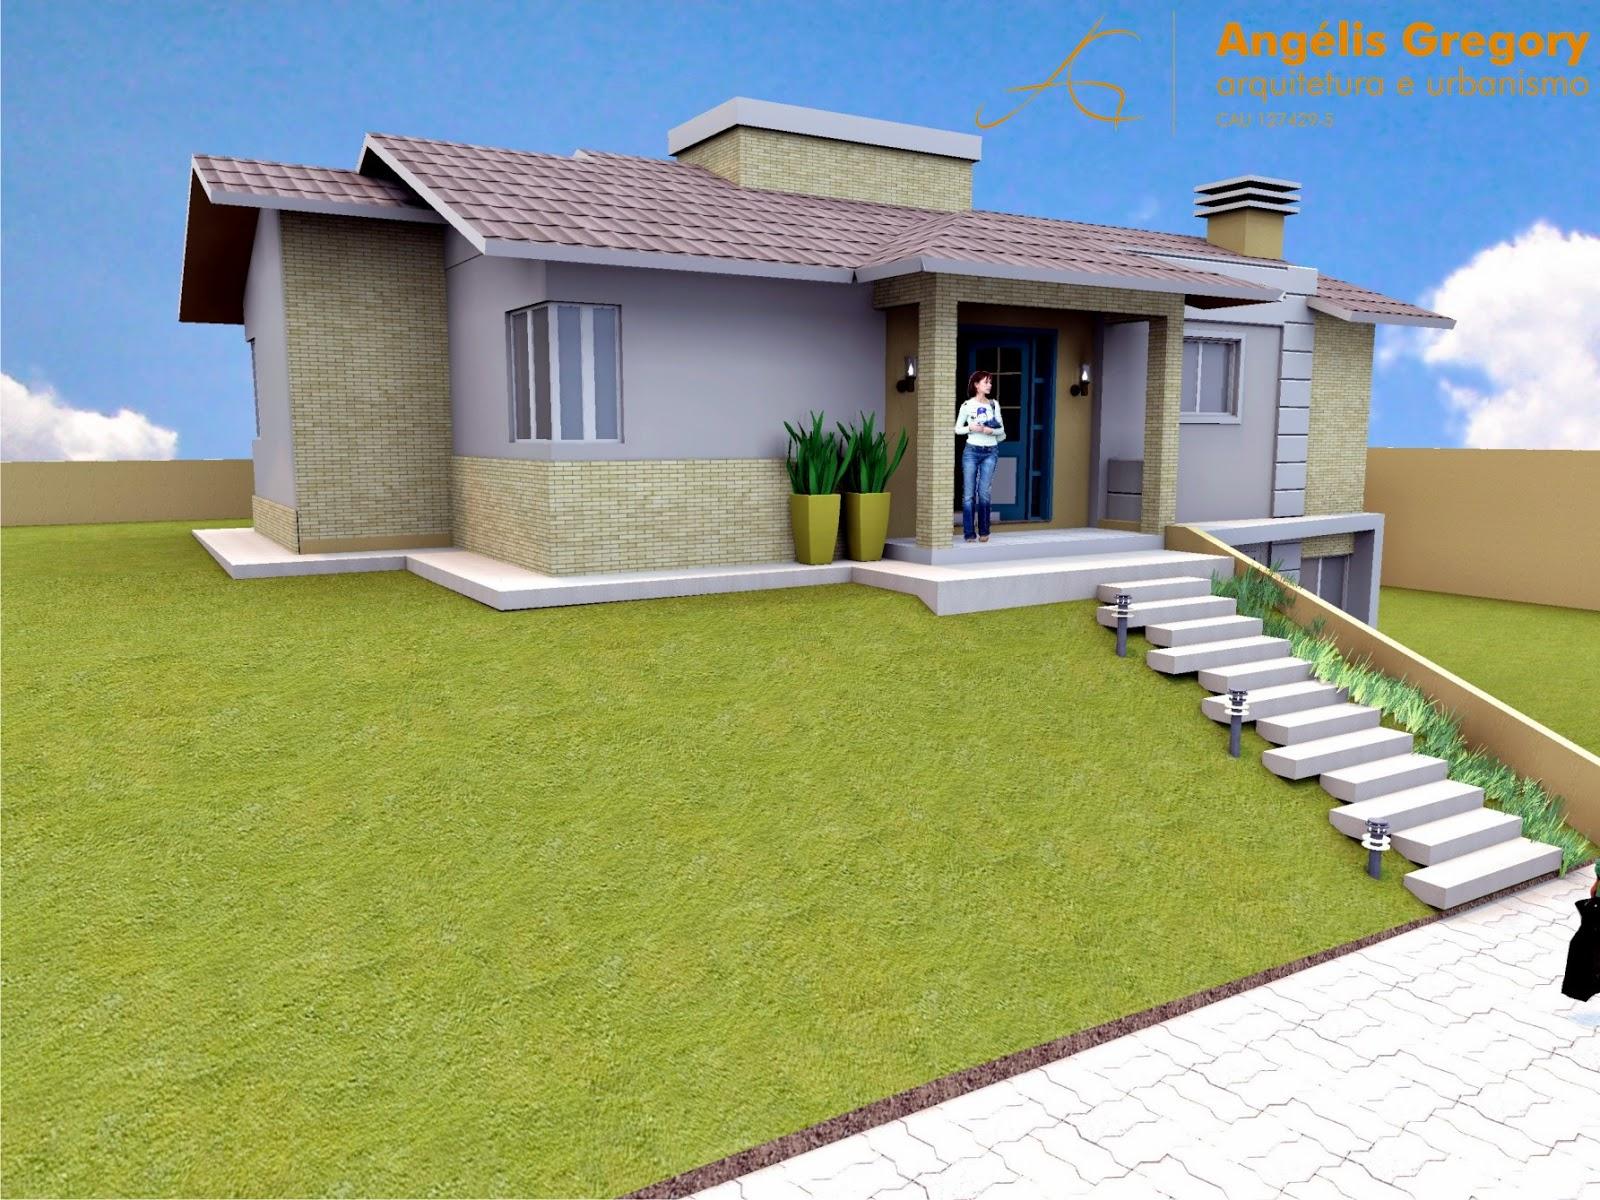 Urbanismo: Projetos para Minha Casa Minha Vida do Governo Federal #1B65B0 1600 1200